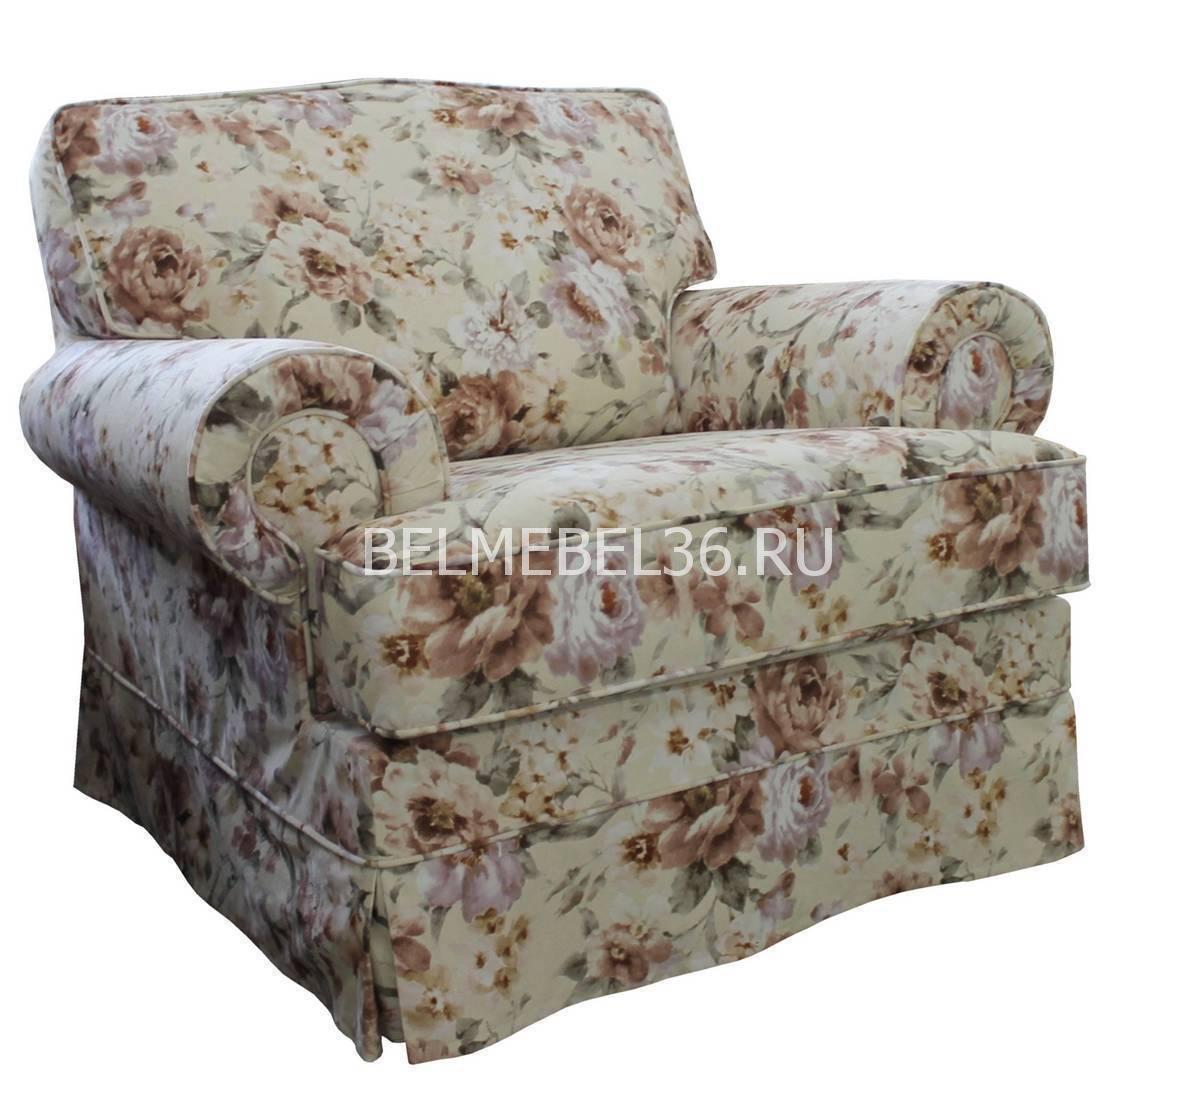 Кресло Прованс (12) П-Д029 | Белорусская мебель в Воронеже